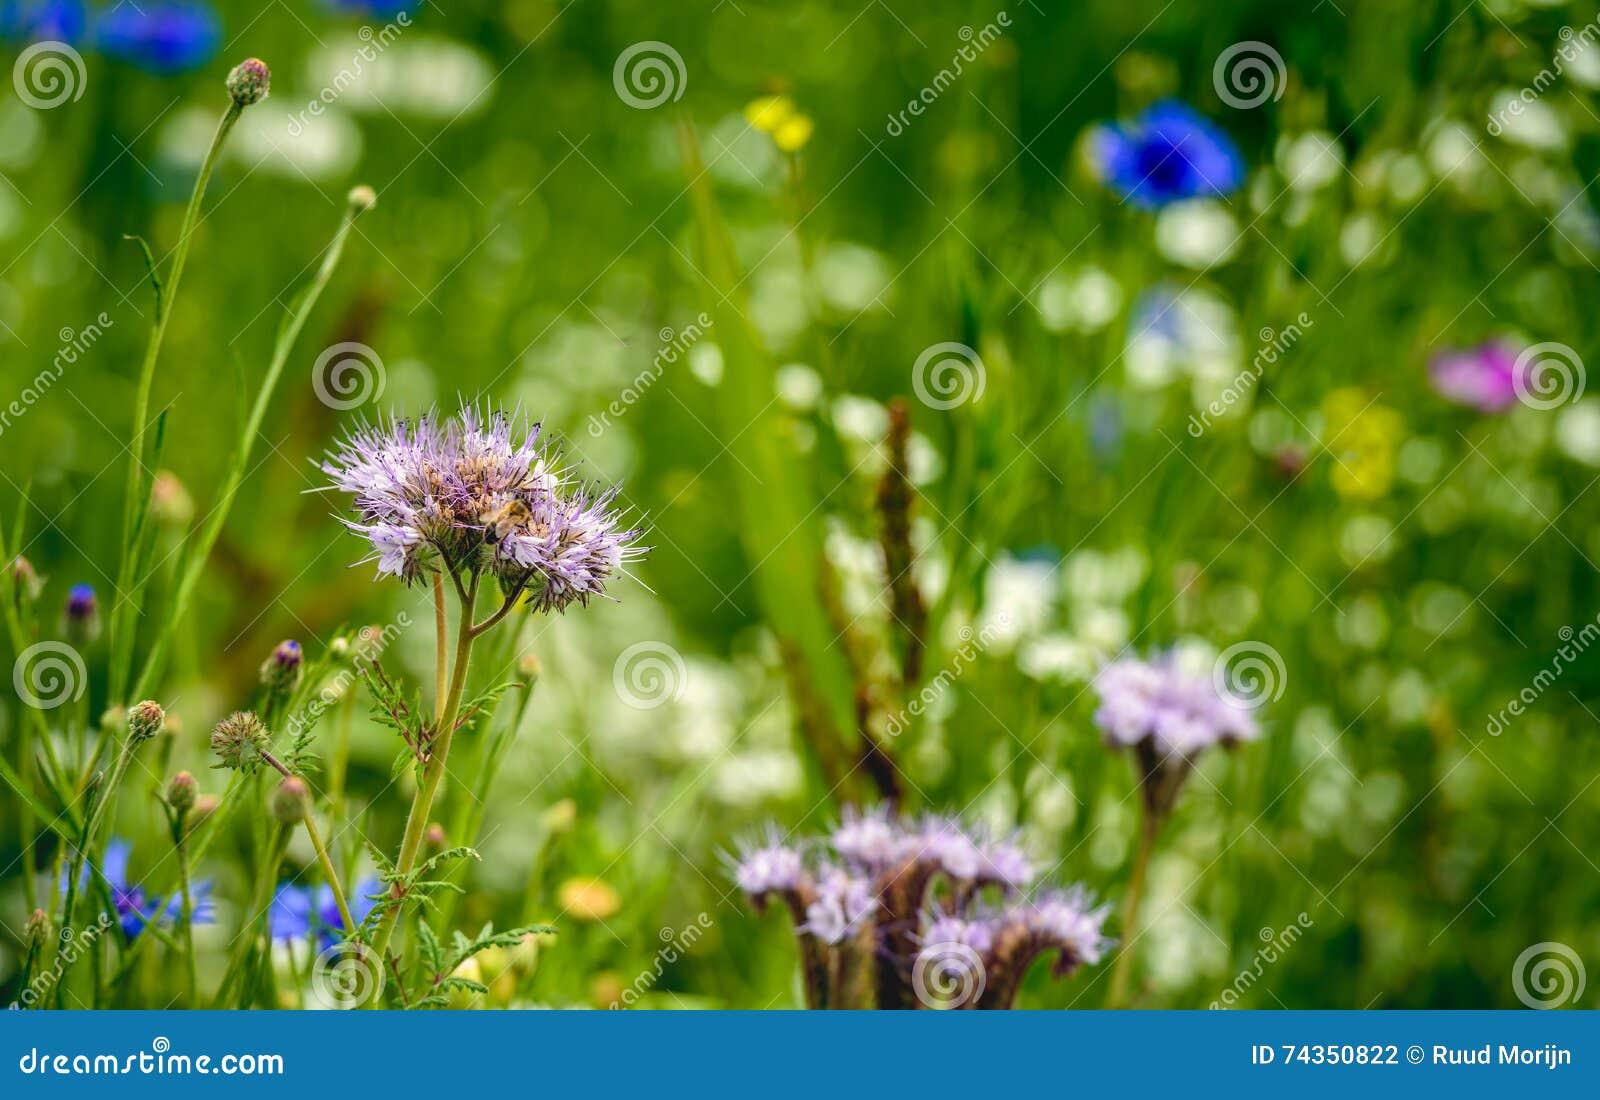 Coloque el borde para apoyar la protección de la biodiversidad